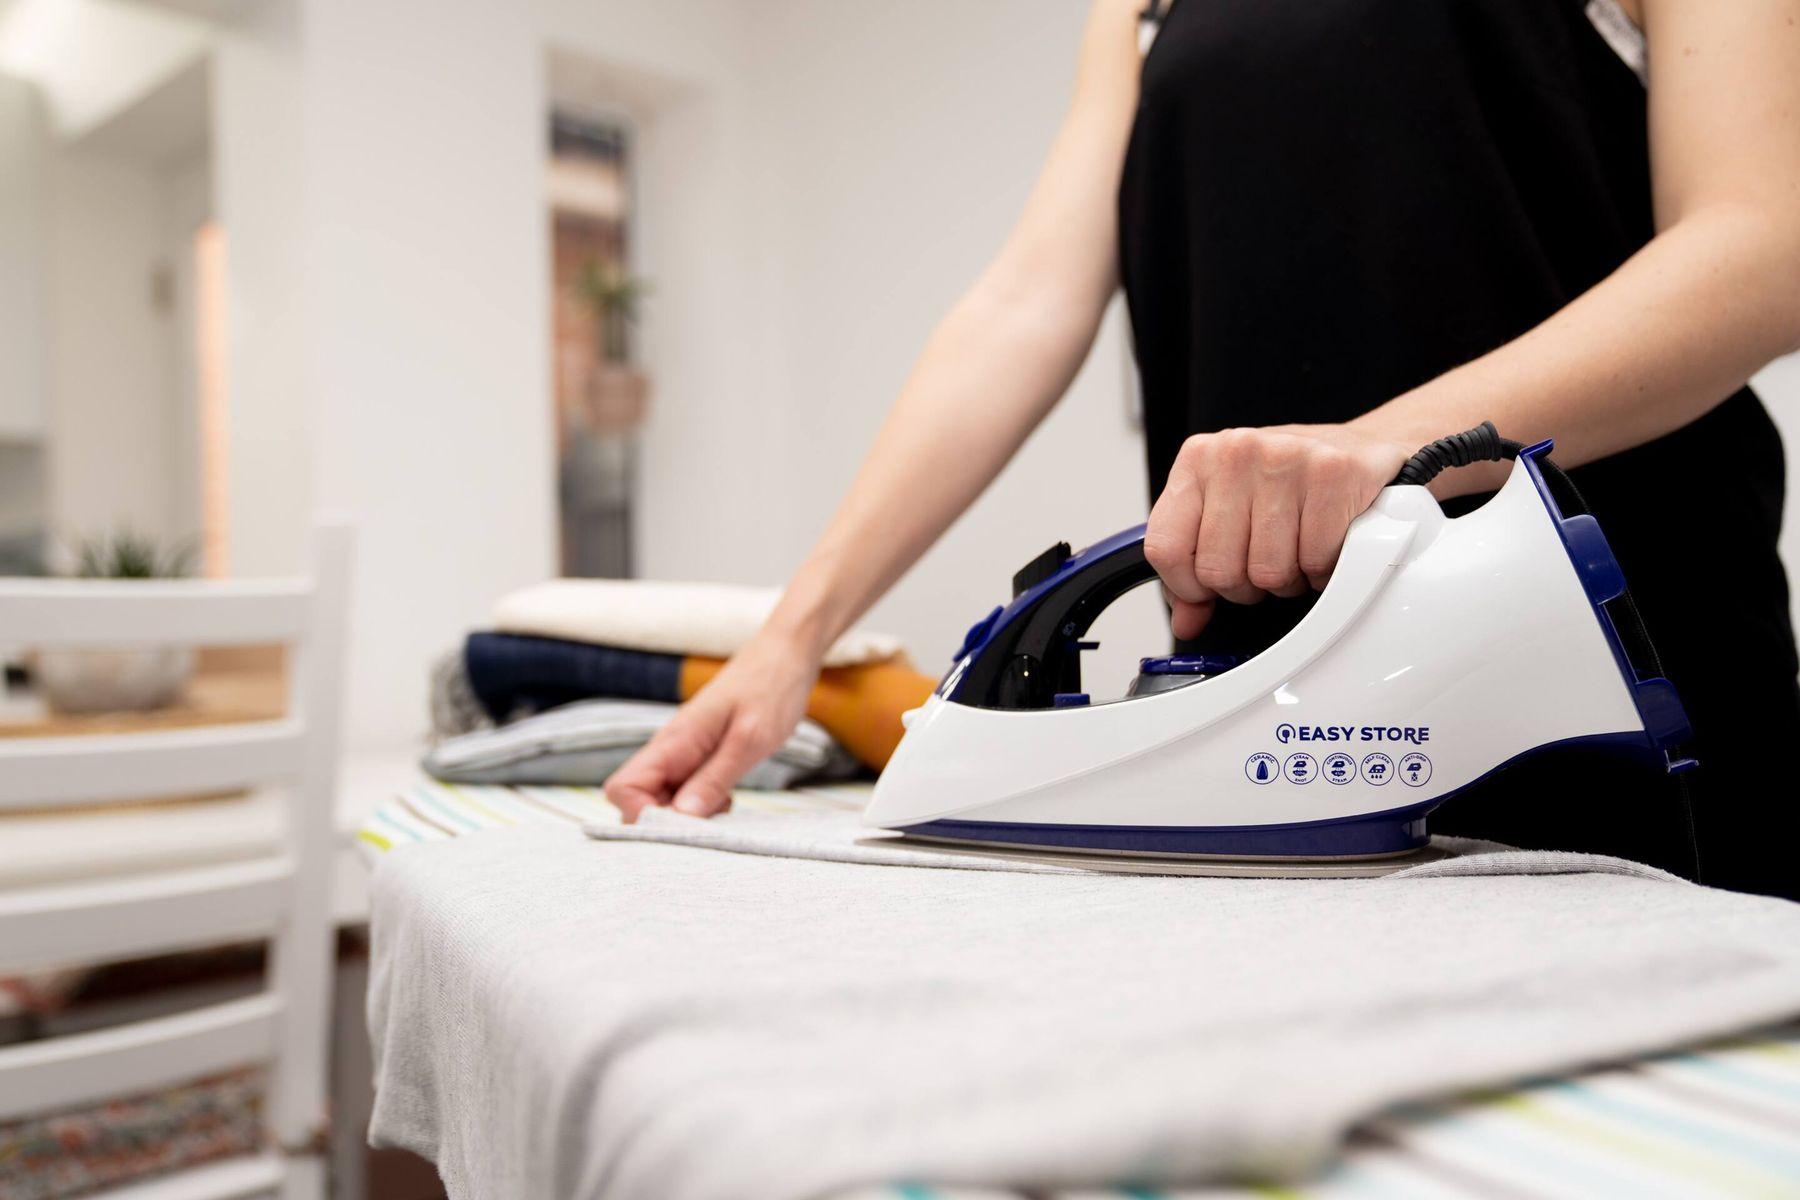 Ferro de passar roupa em primeiro plano passando uma roupa em uma tábua de passar.